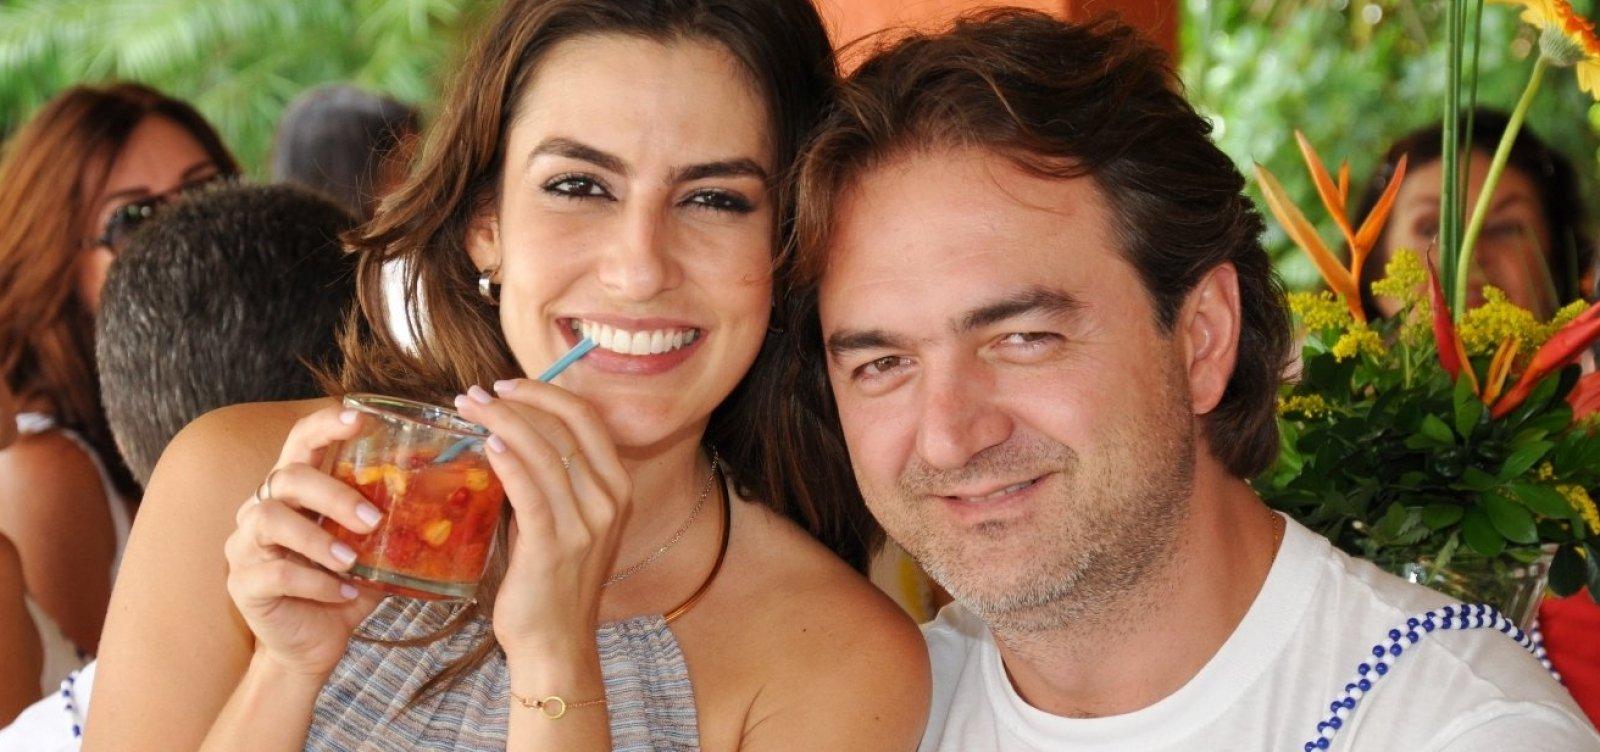 Joesley Batista e Ticiana Villas Boas passam fim de ano em Praia do Forte